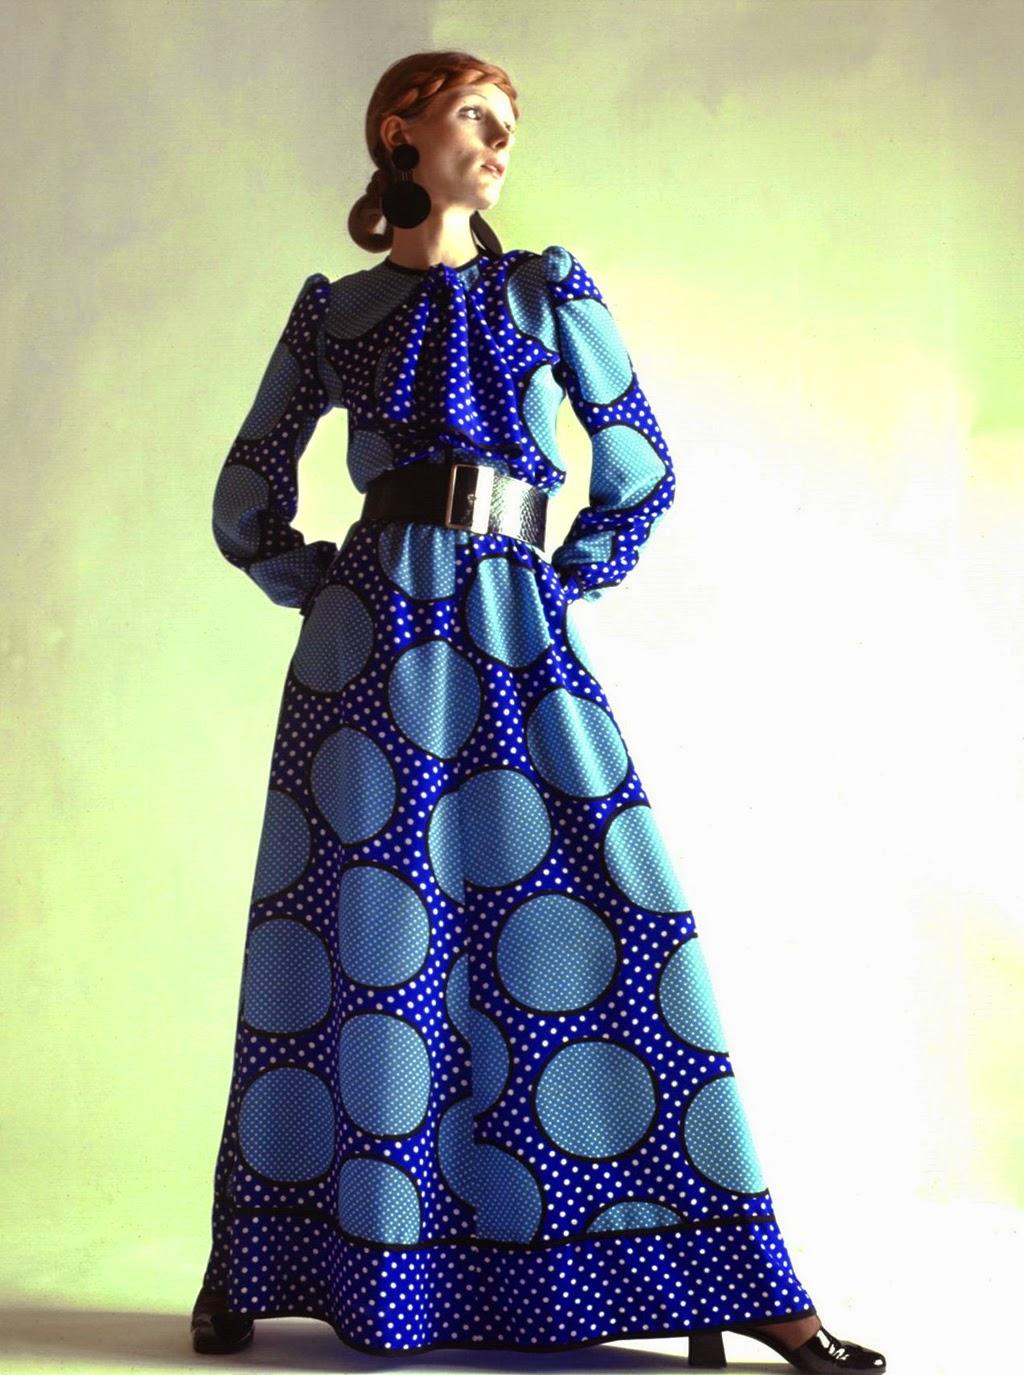 Мода 70-х. 20 фотографий, демонстрирующих красоту и стиль 18